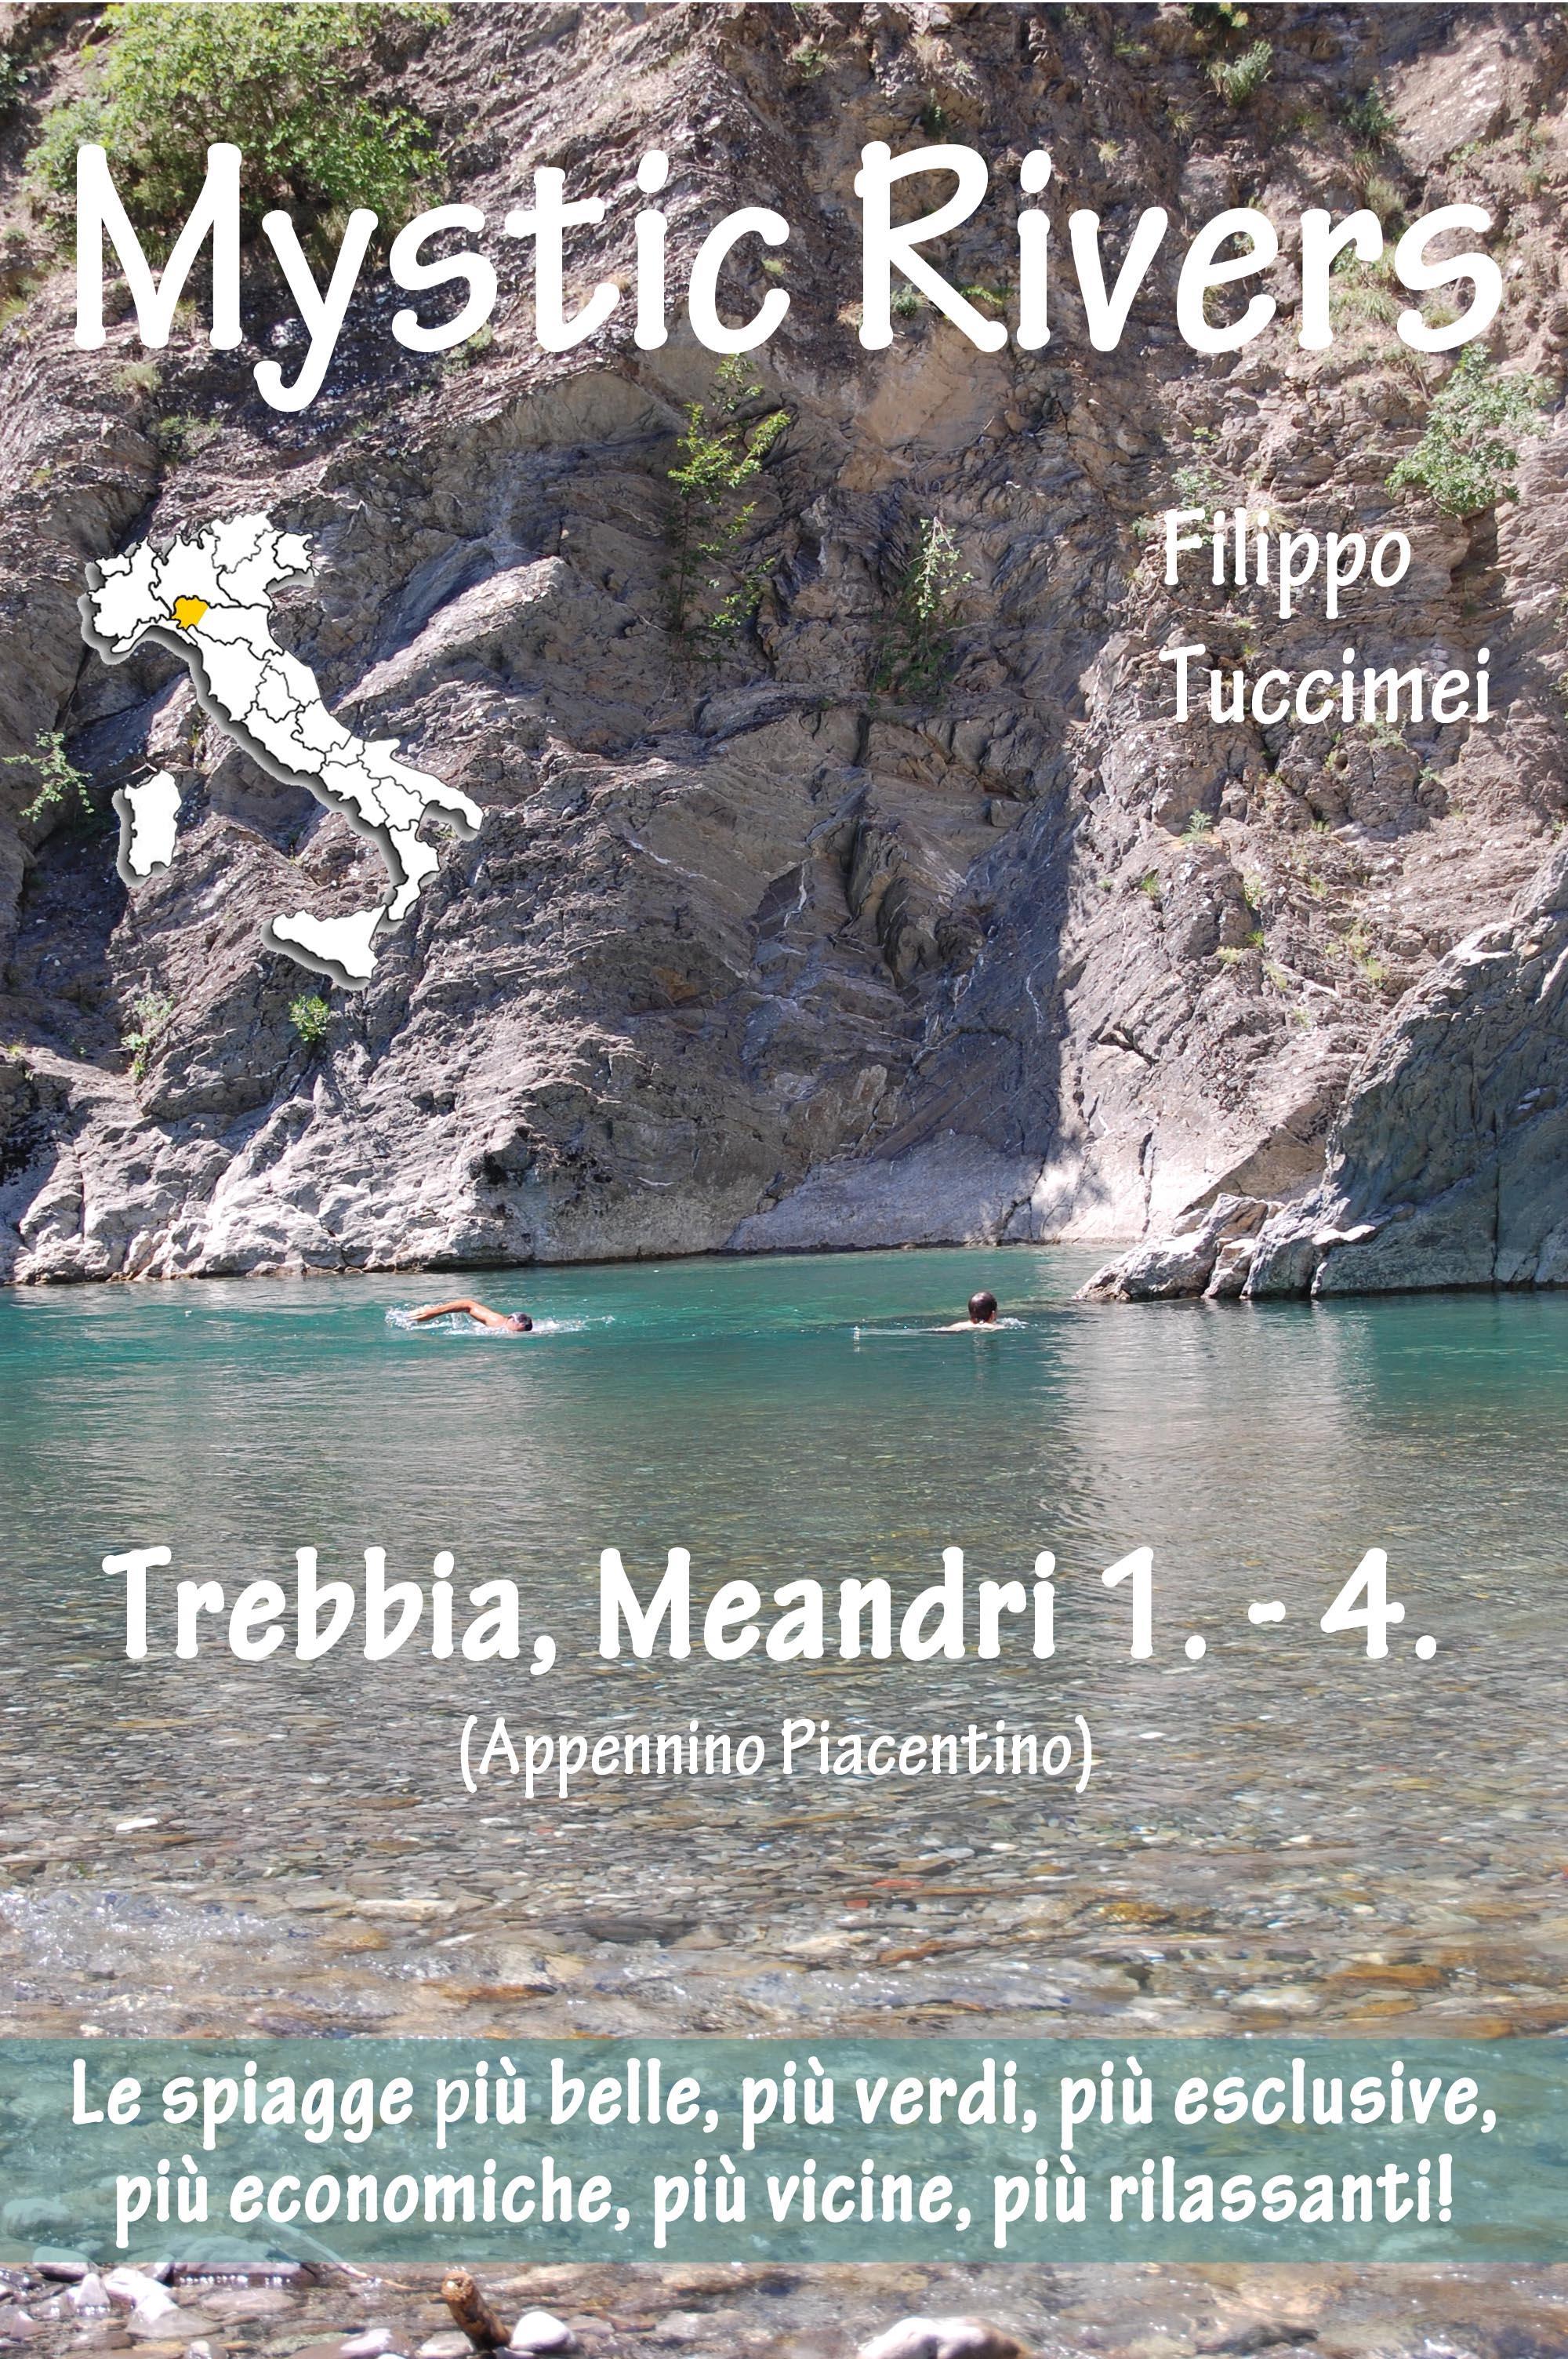 Mystic Rivers - Trebbia, Meandri 1. - 4.